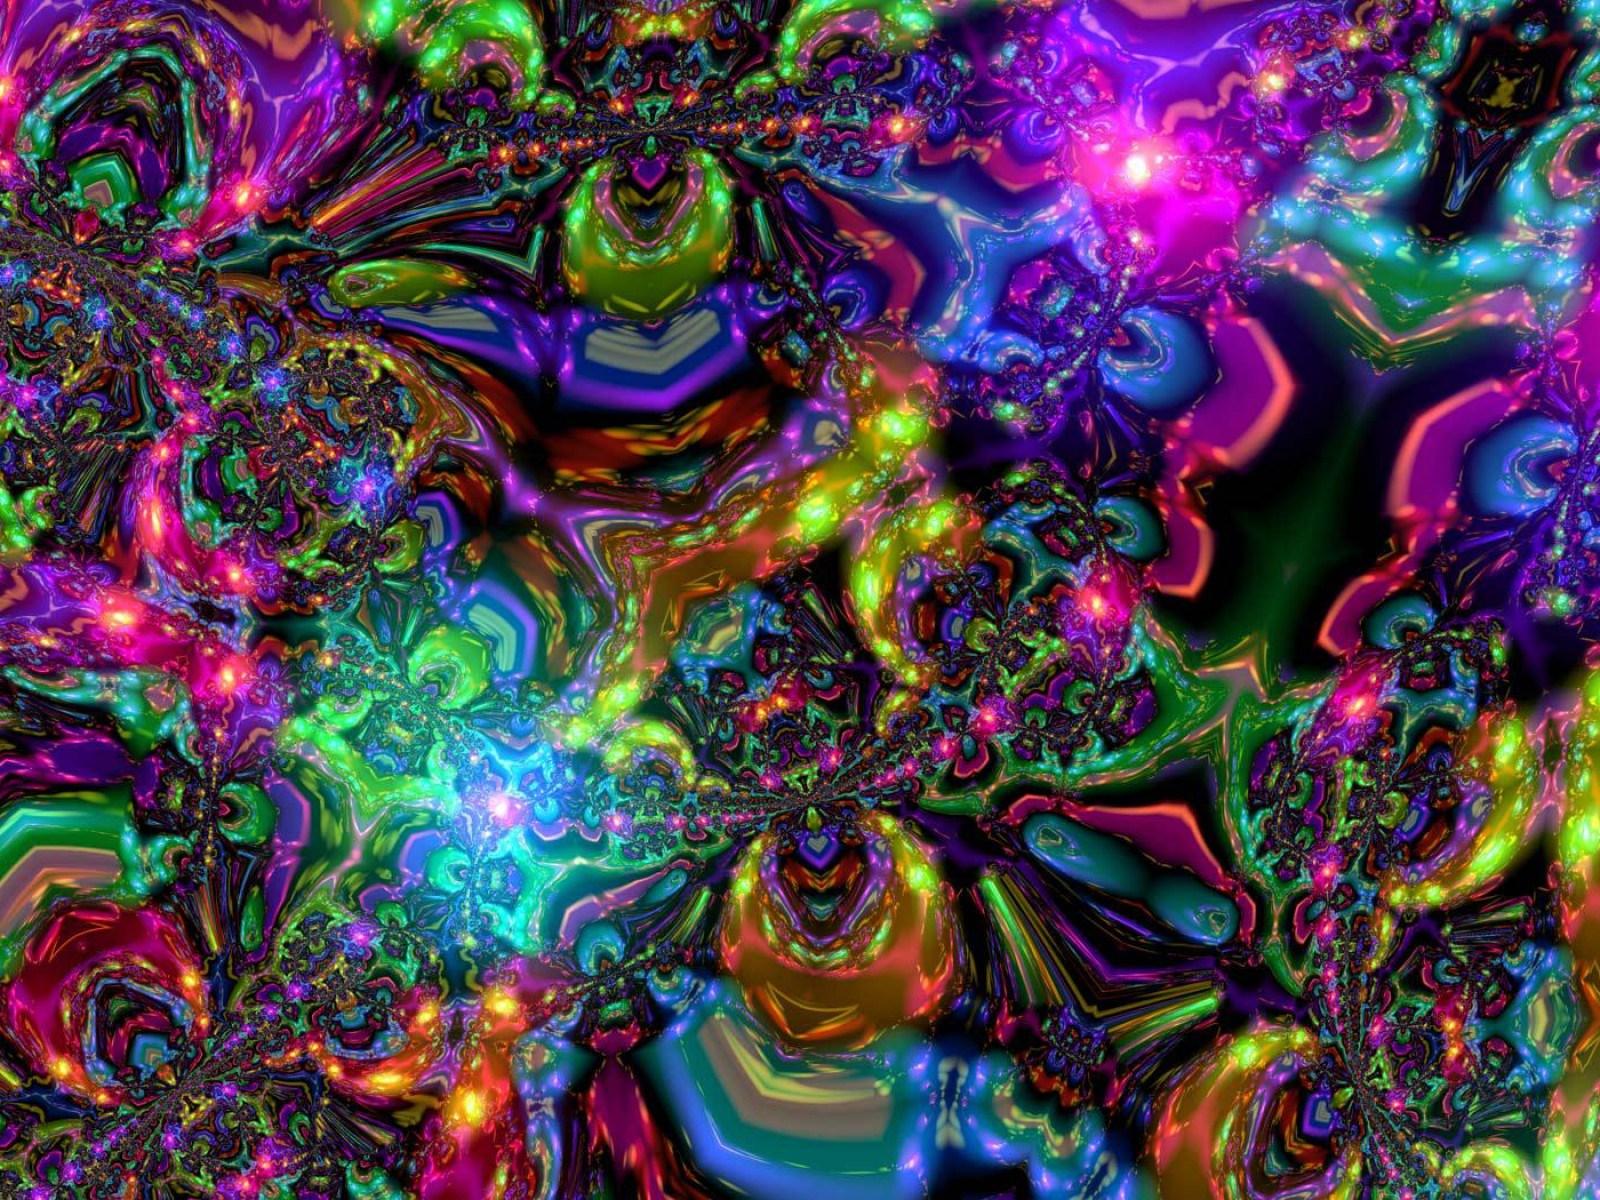 HD Trippy Twitter Wallpapers 1600x1200